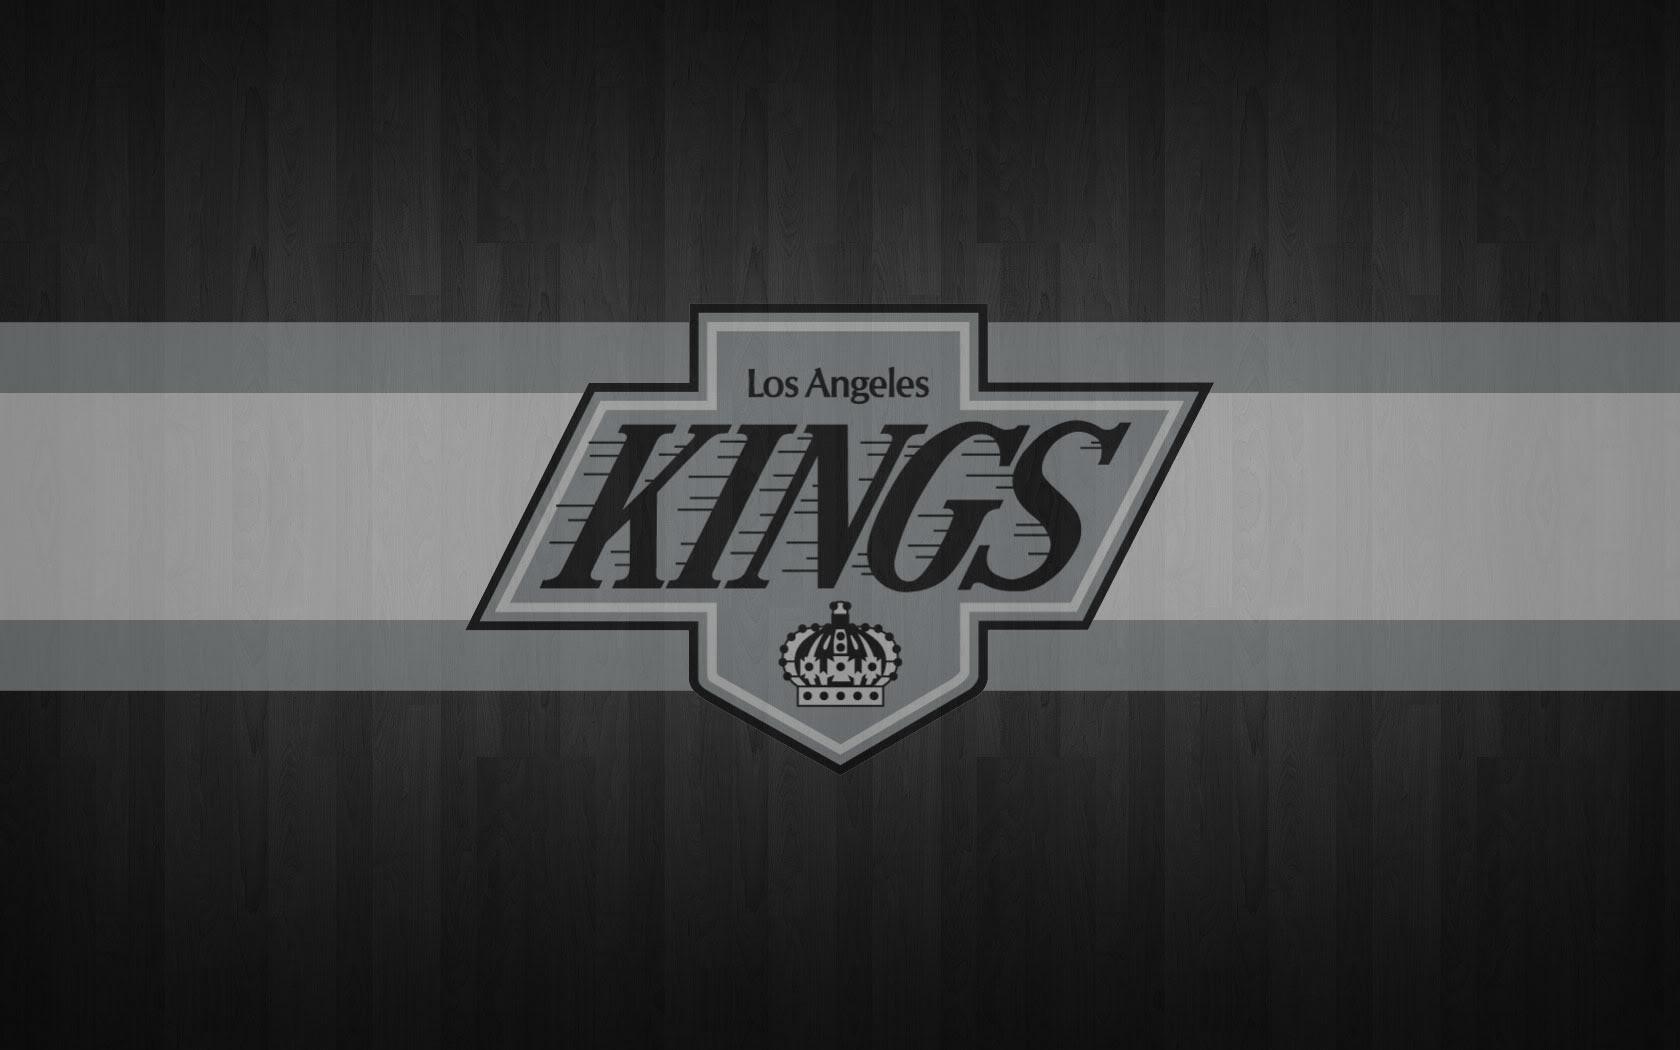 LA Kings Wallpapers HD